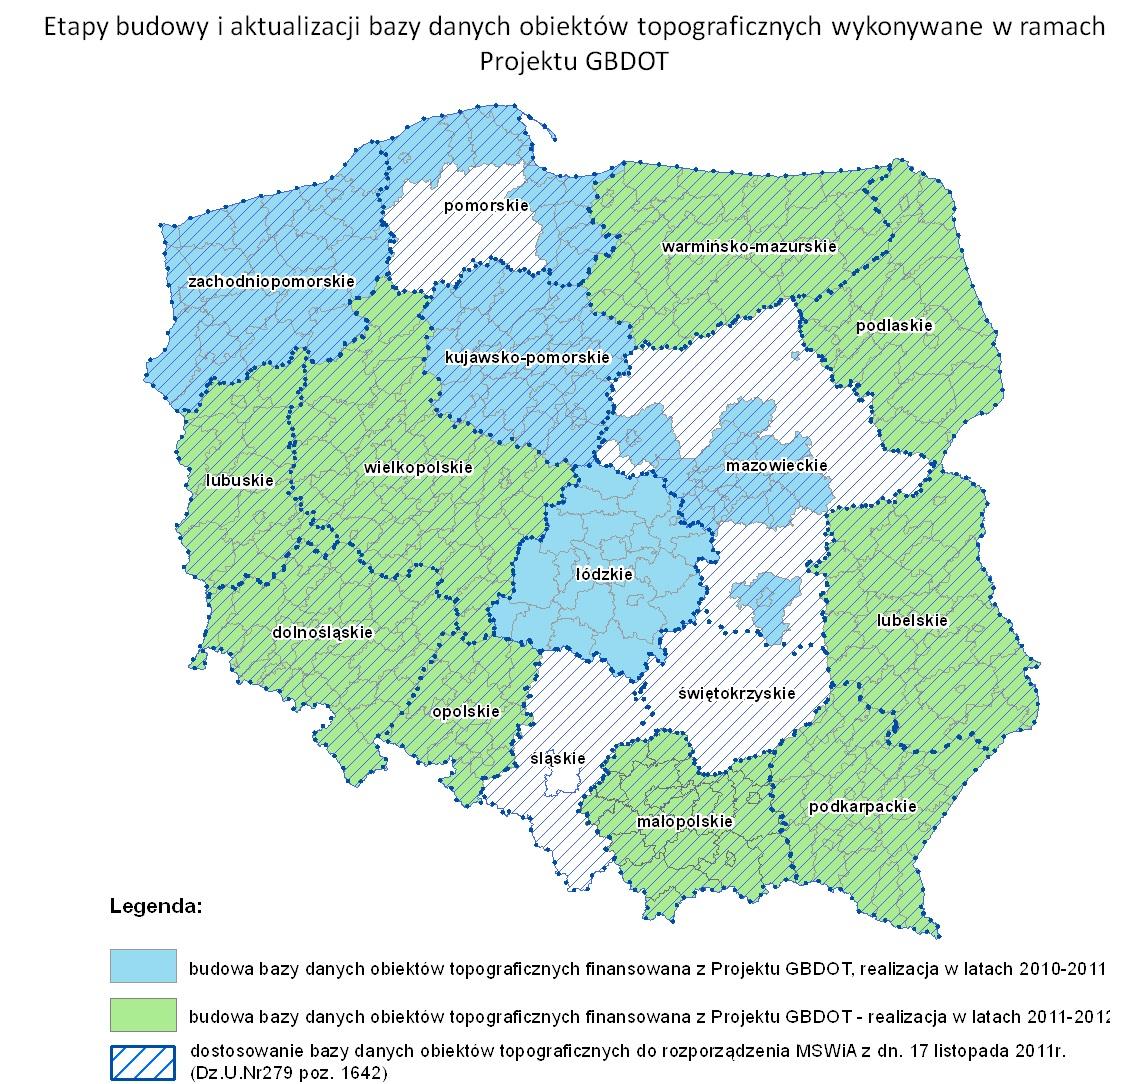 Mapa Polski z zaznaczonymi obszarami województw, w których wykonywane były prace w etapach: 2010-2011 kolor błekitny, 2011 - 2013 kolor zielony oraz biały kreskowany na którym jedynie dostowano istniejące bazy do wymogów aktulanych przepisów